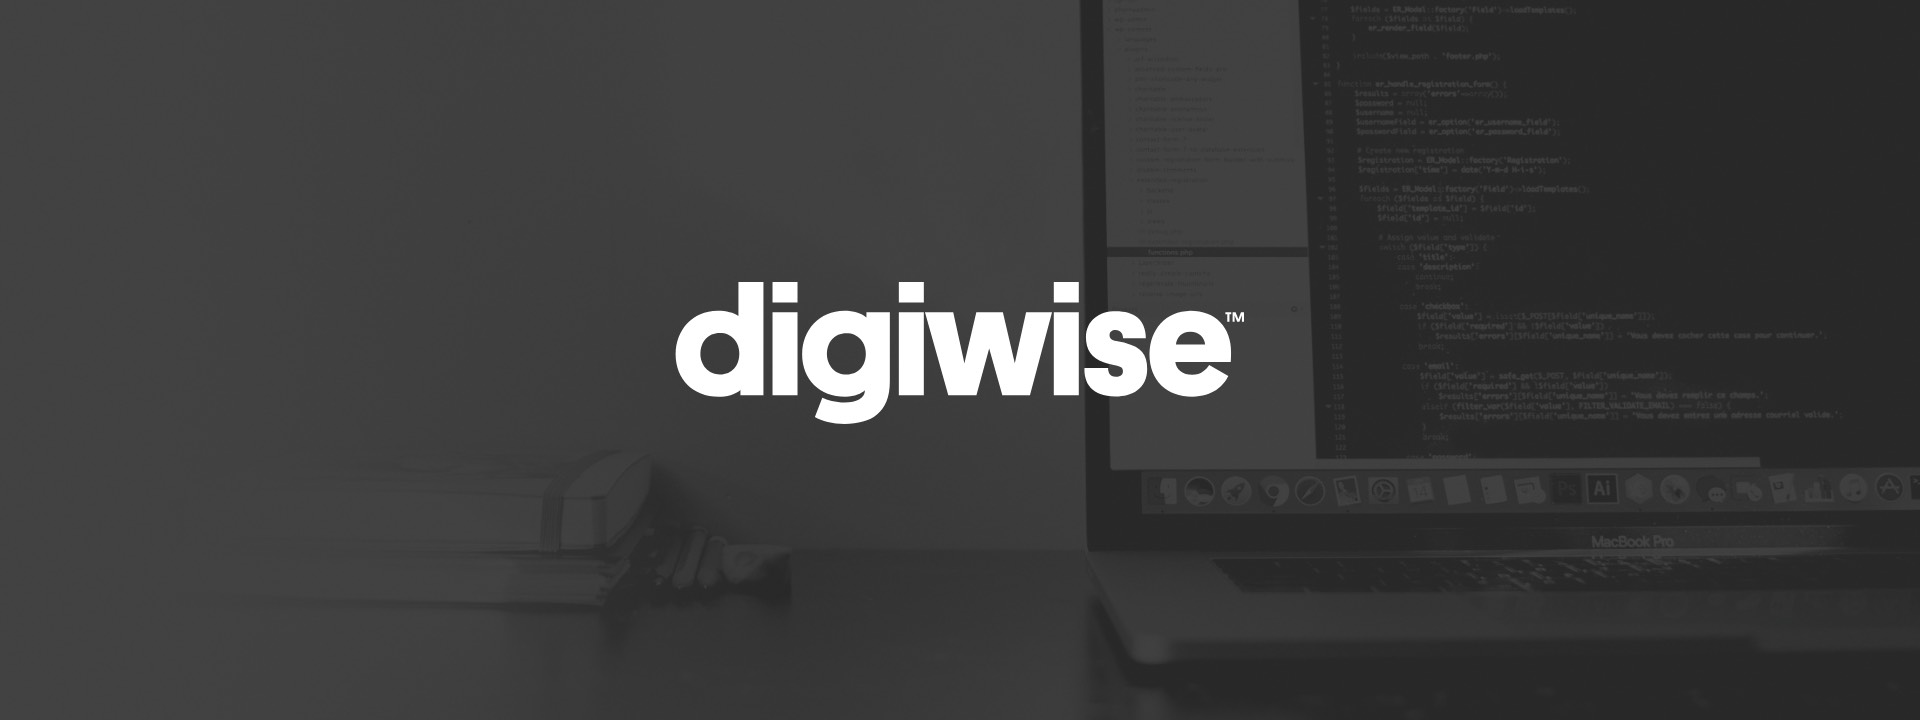 Digiwise identity